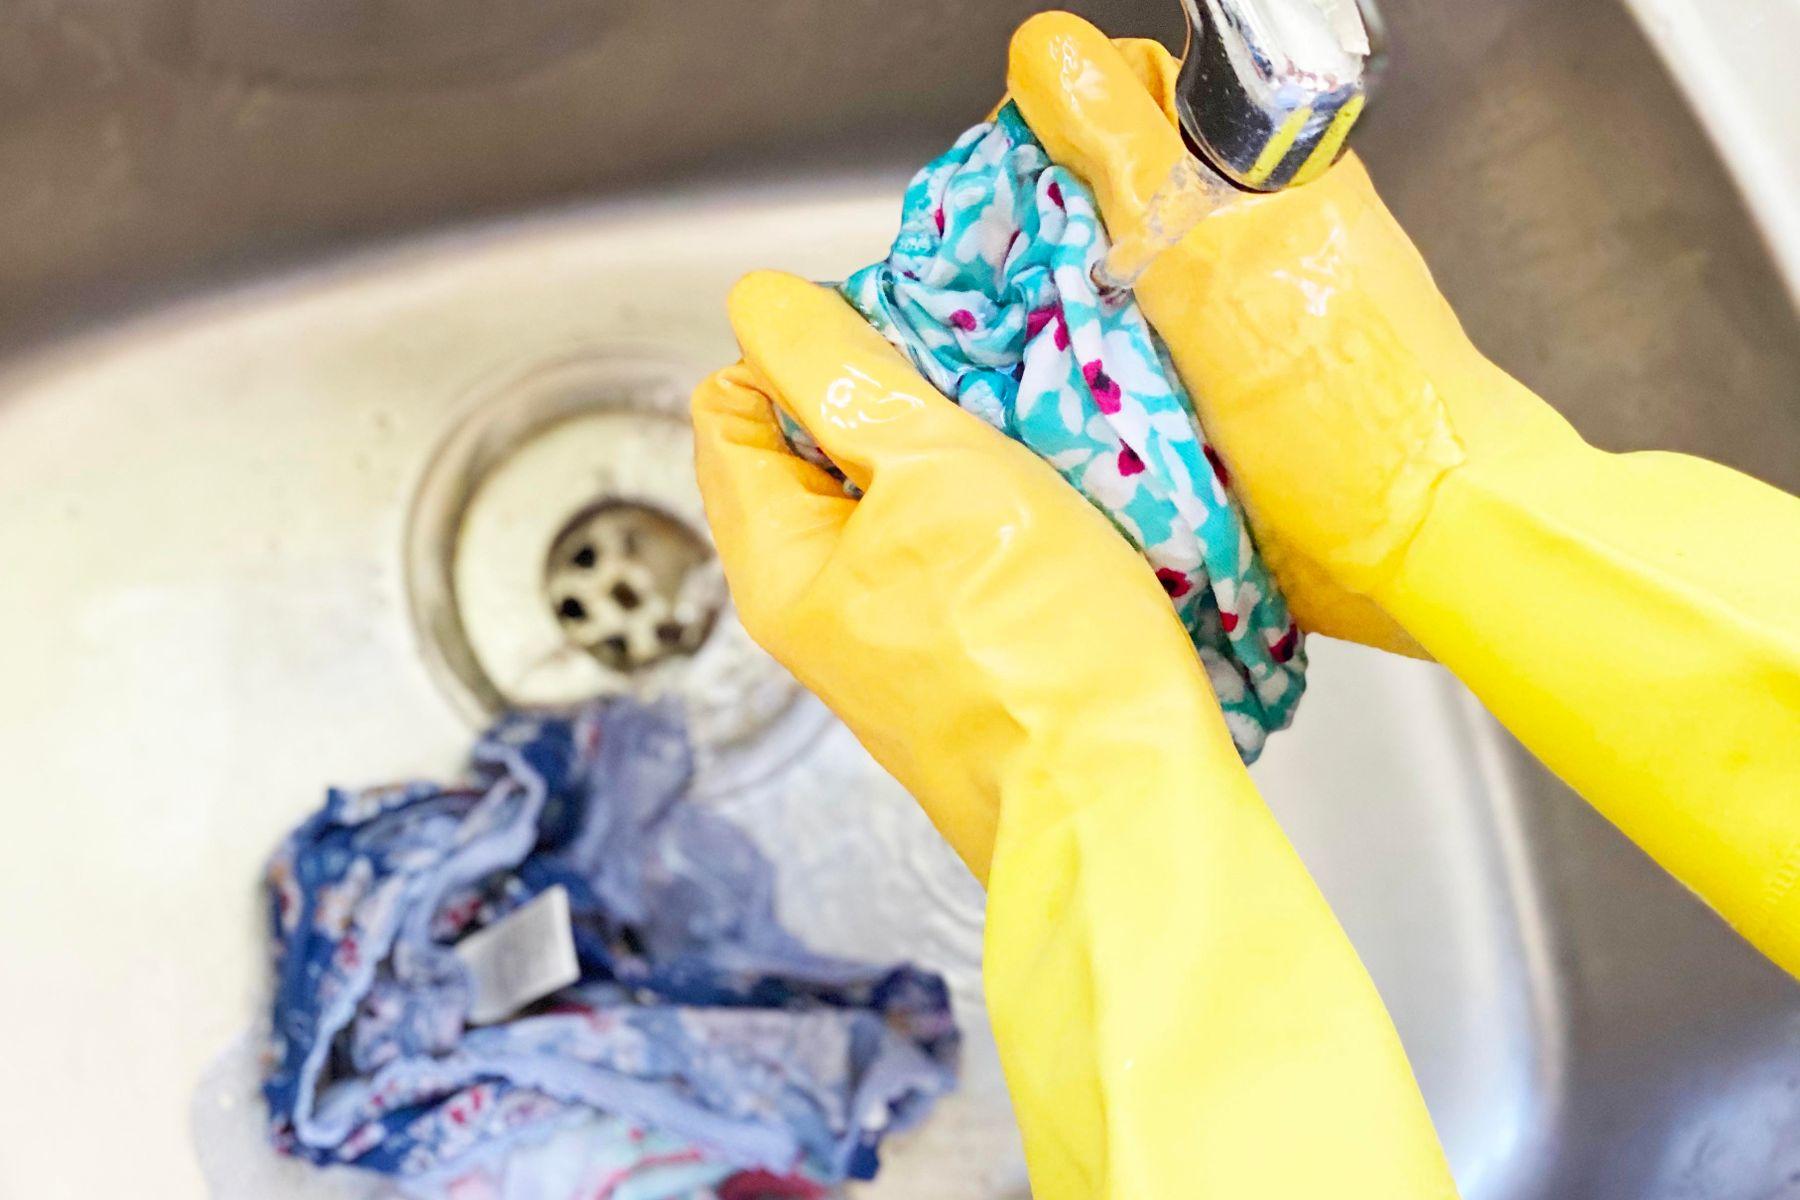 Lavando prenda manchada de aceite